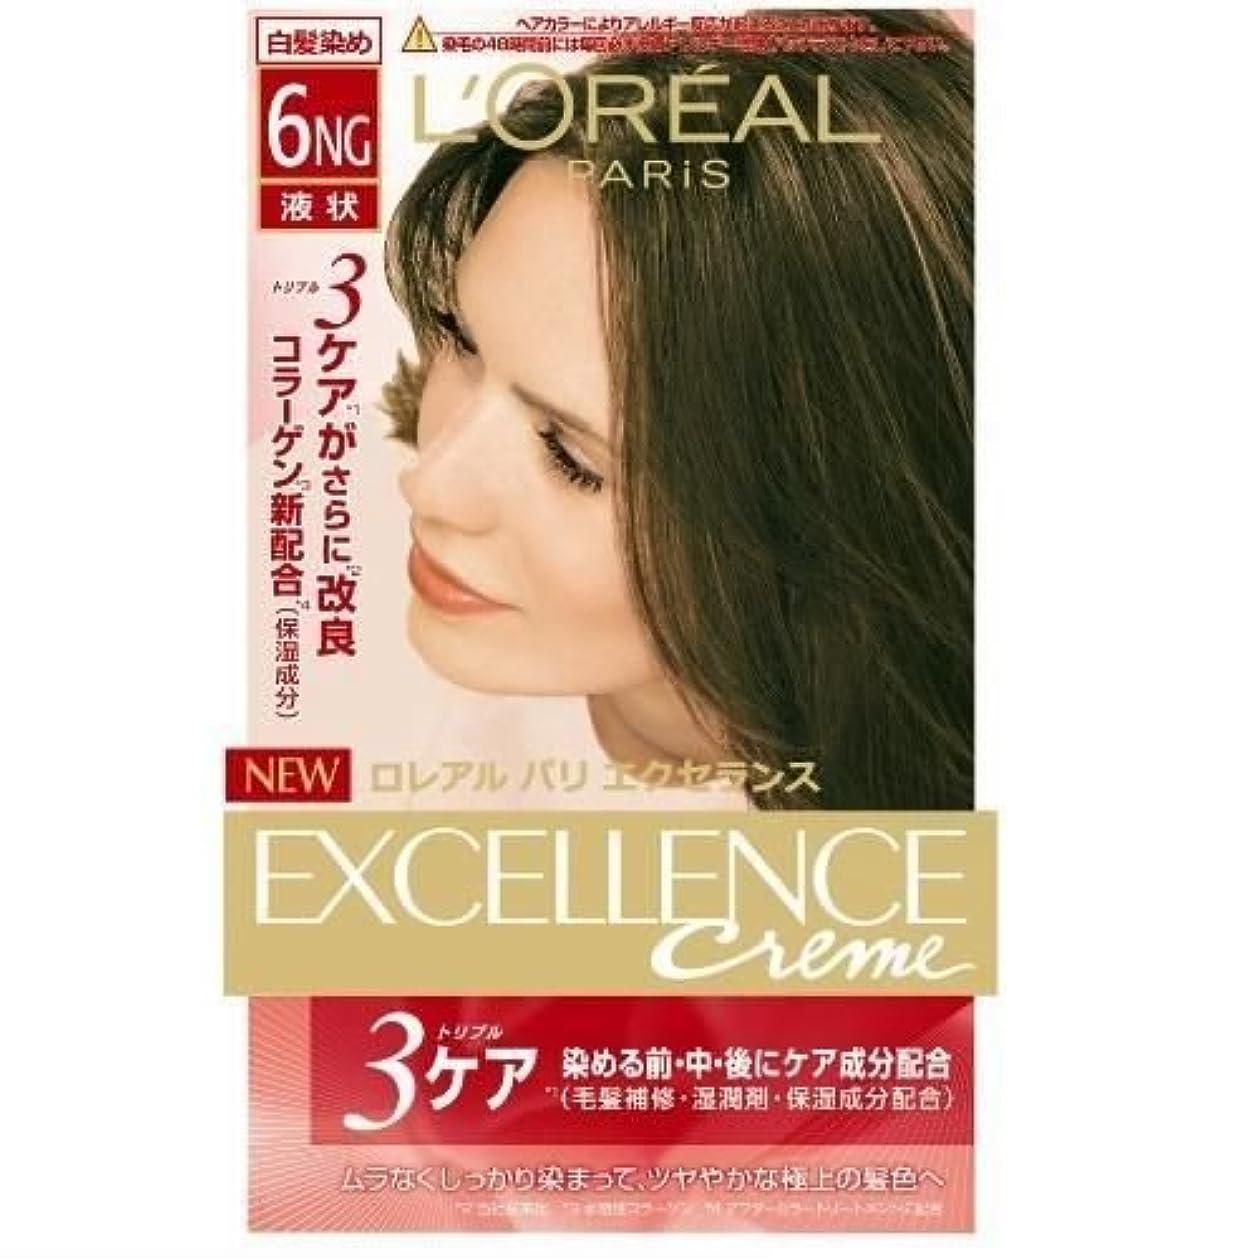 中で硬化する各ロレアル パリ ヘアカラー 白髪染め エクセランスカラーL 6NG